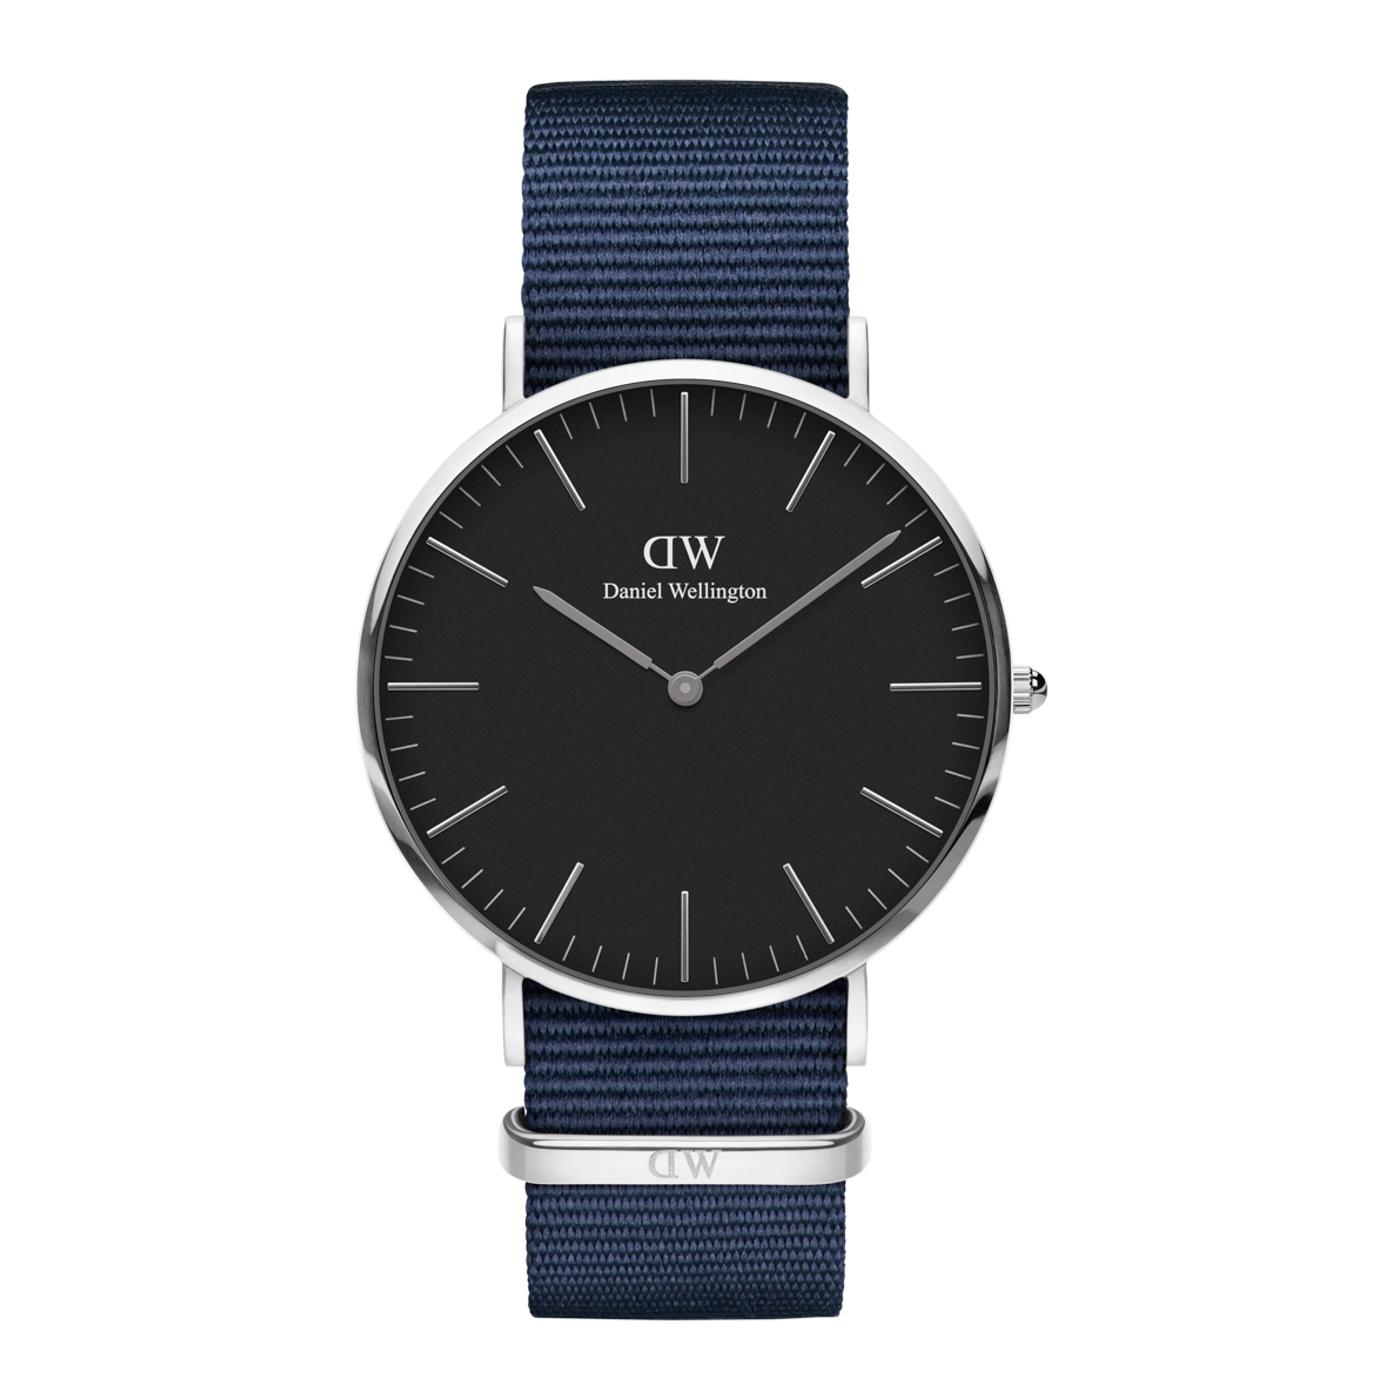 Afbeelding van Daniel Wellington Classic Bayswater horloge DW00100278 (40 mm)